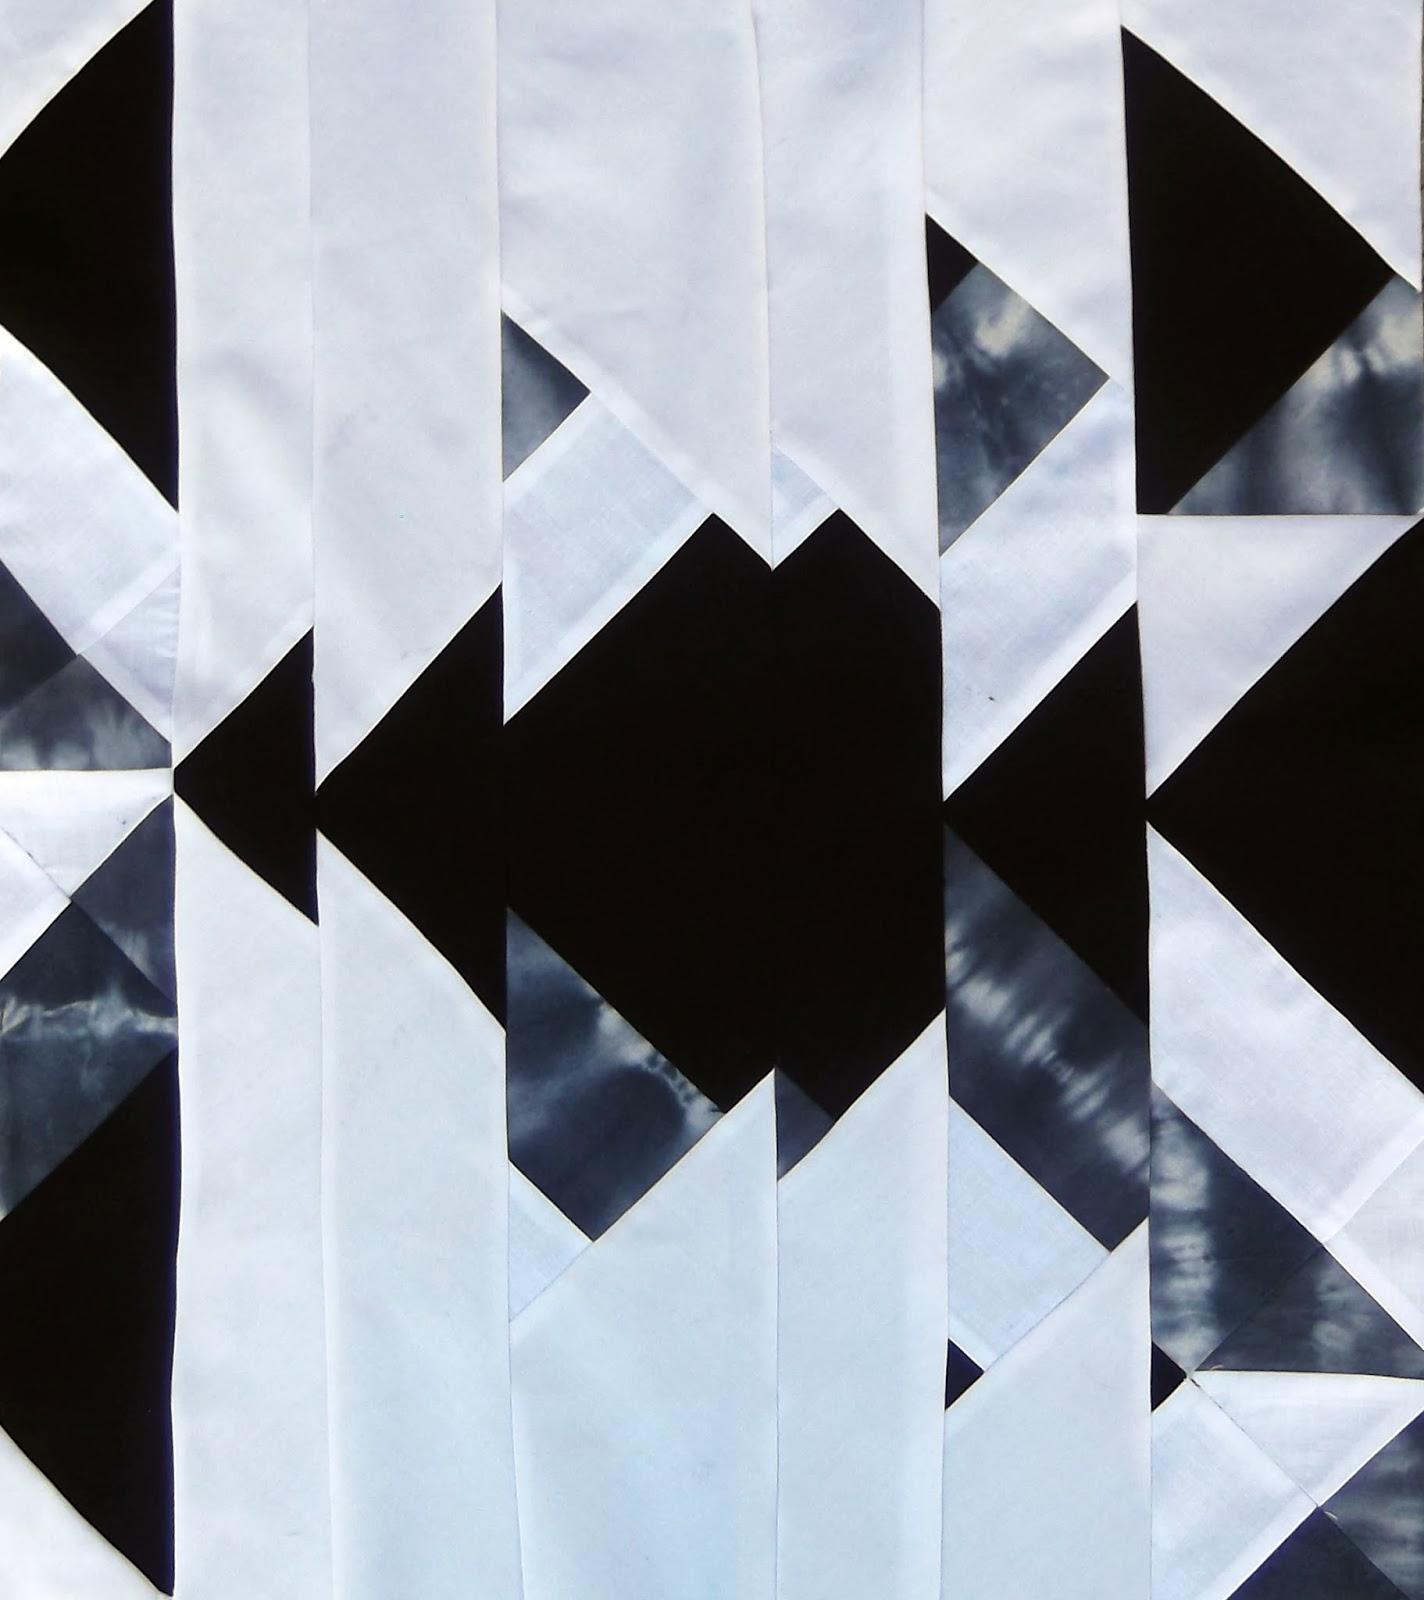 τέχνη με ύφασμα, patchwork, patchwork ασπρόμαυρο, patchwork σχέδια